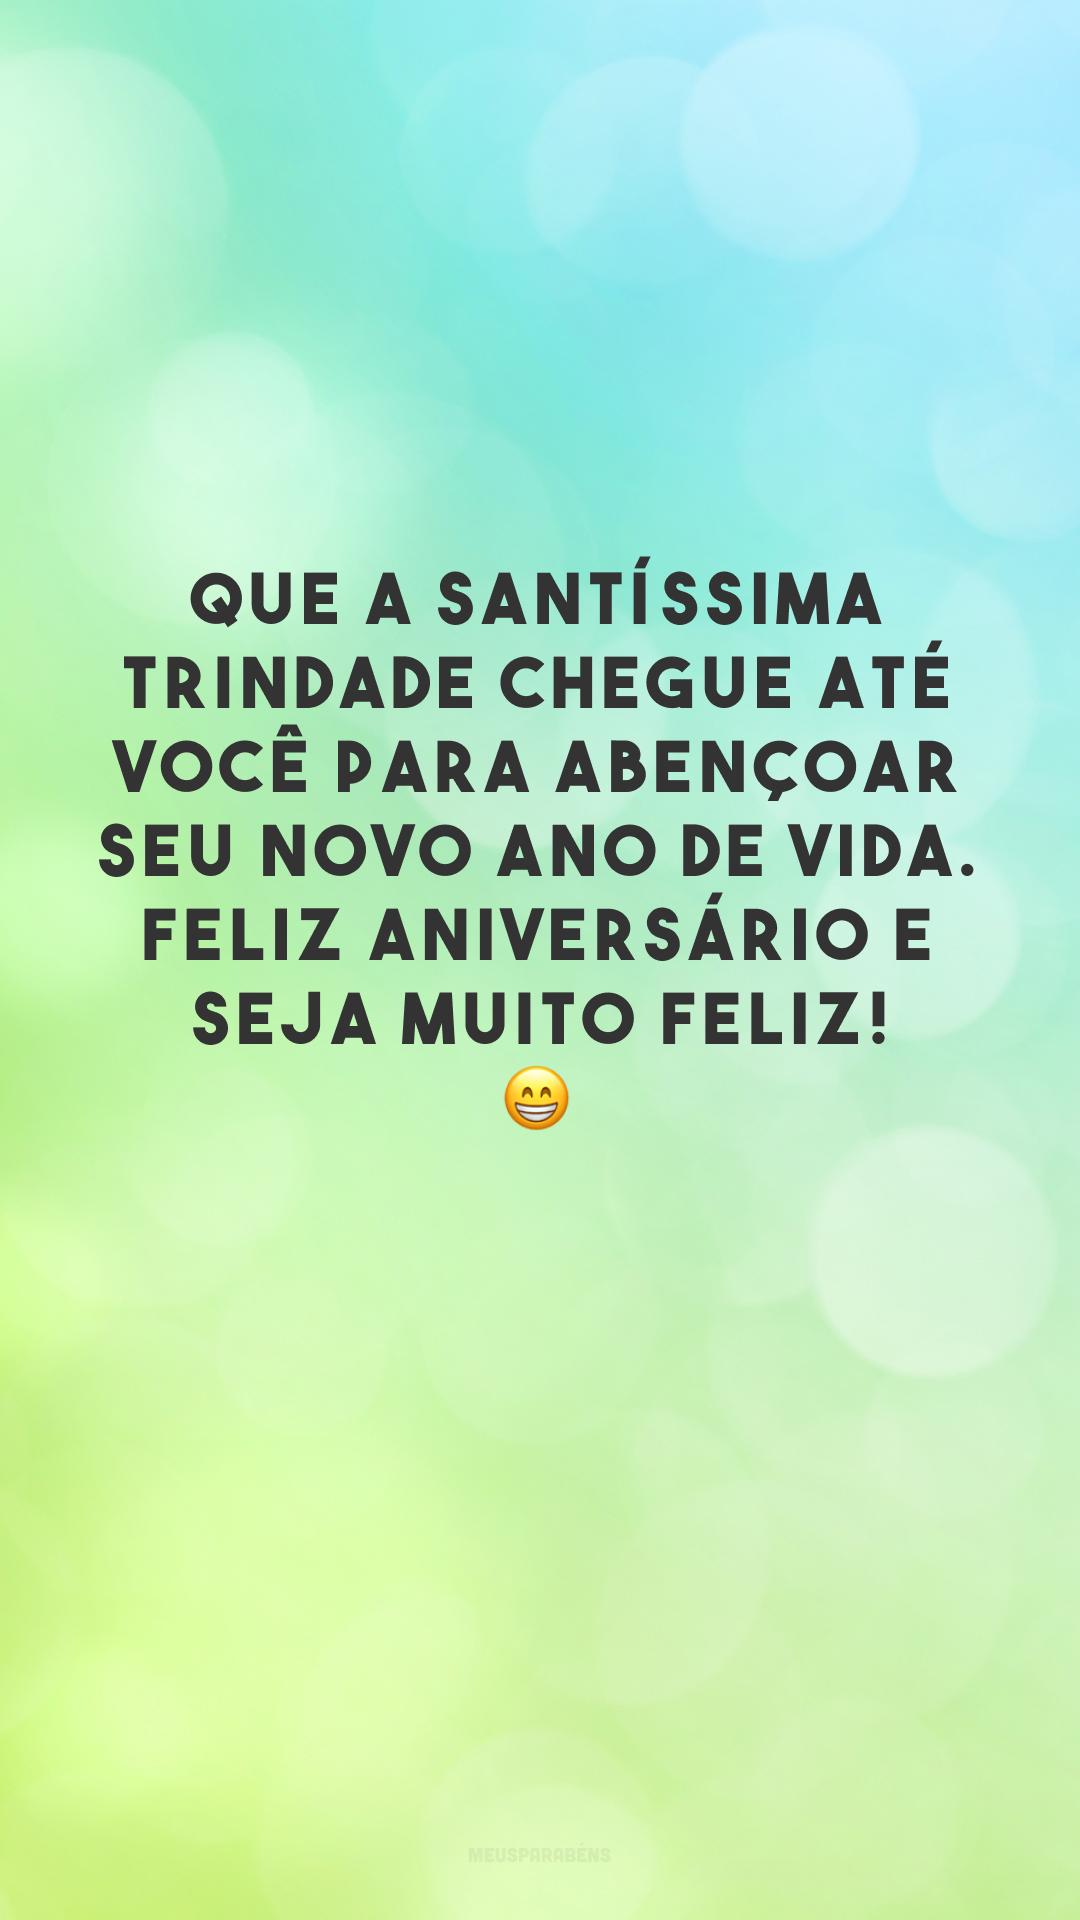 Que a Santíssima Trindade chegue até você para abençoar seu novo ano de vida. Feliz aniversário e seja muito feliz! 😁